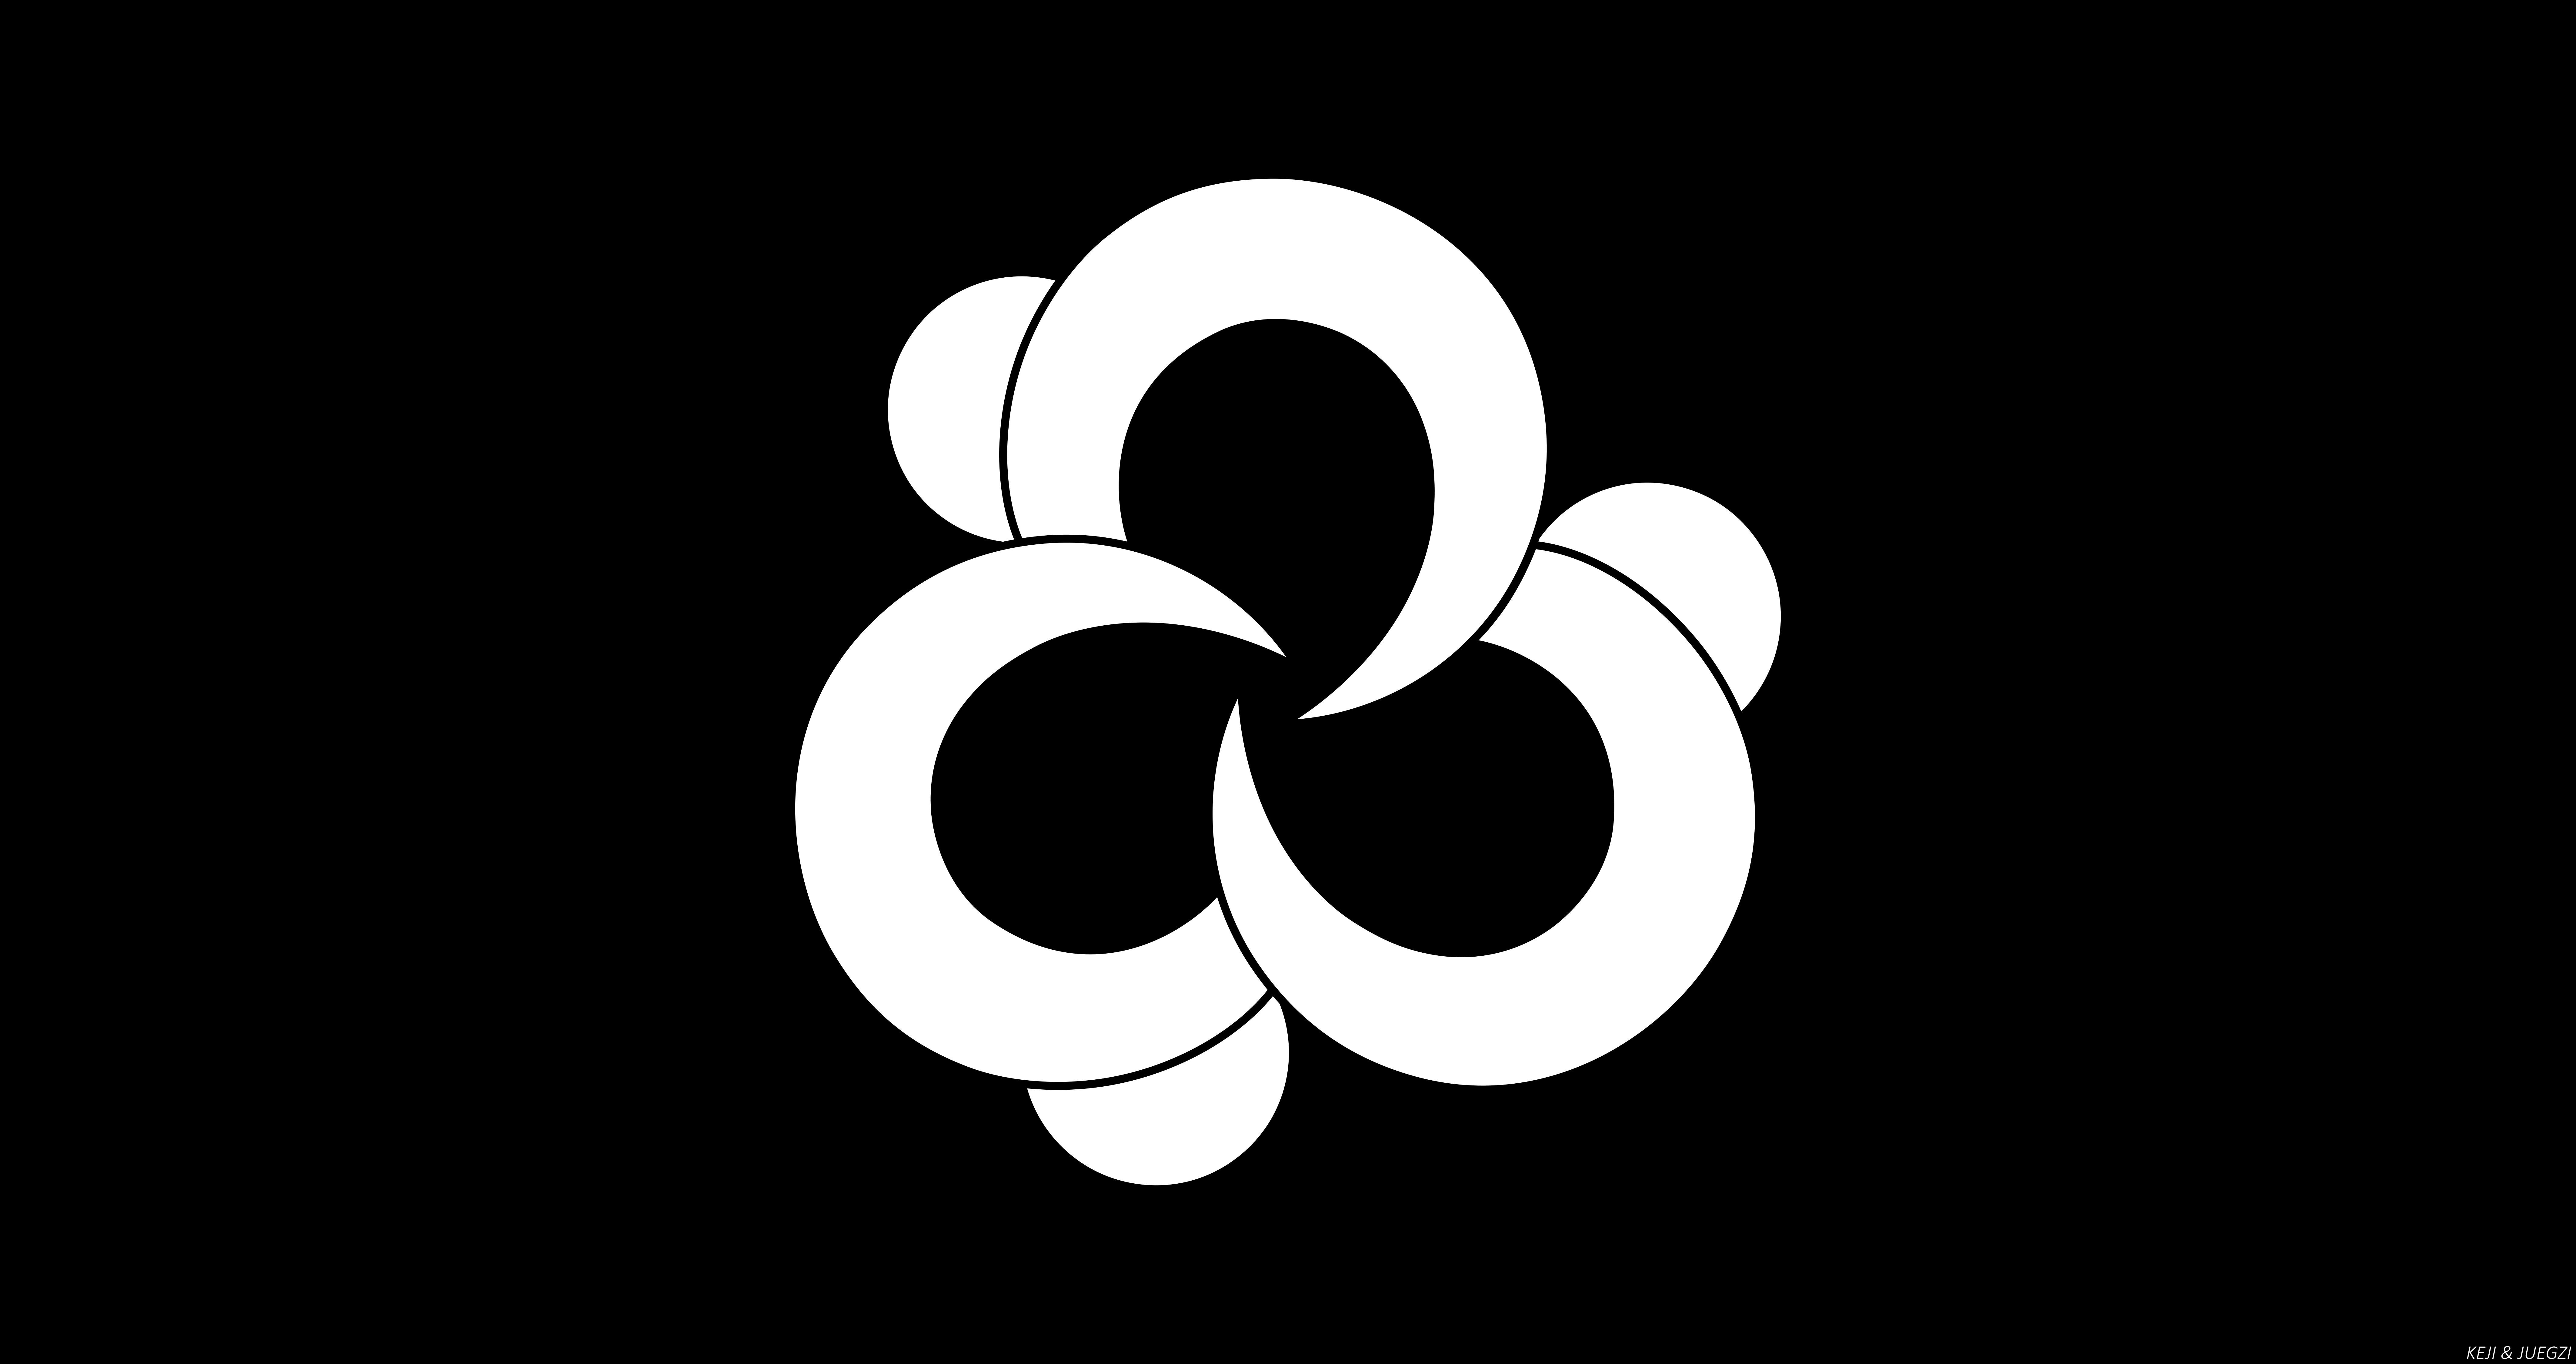 Naruto Shapes Symbol 8500x4500